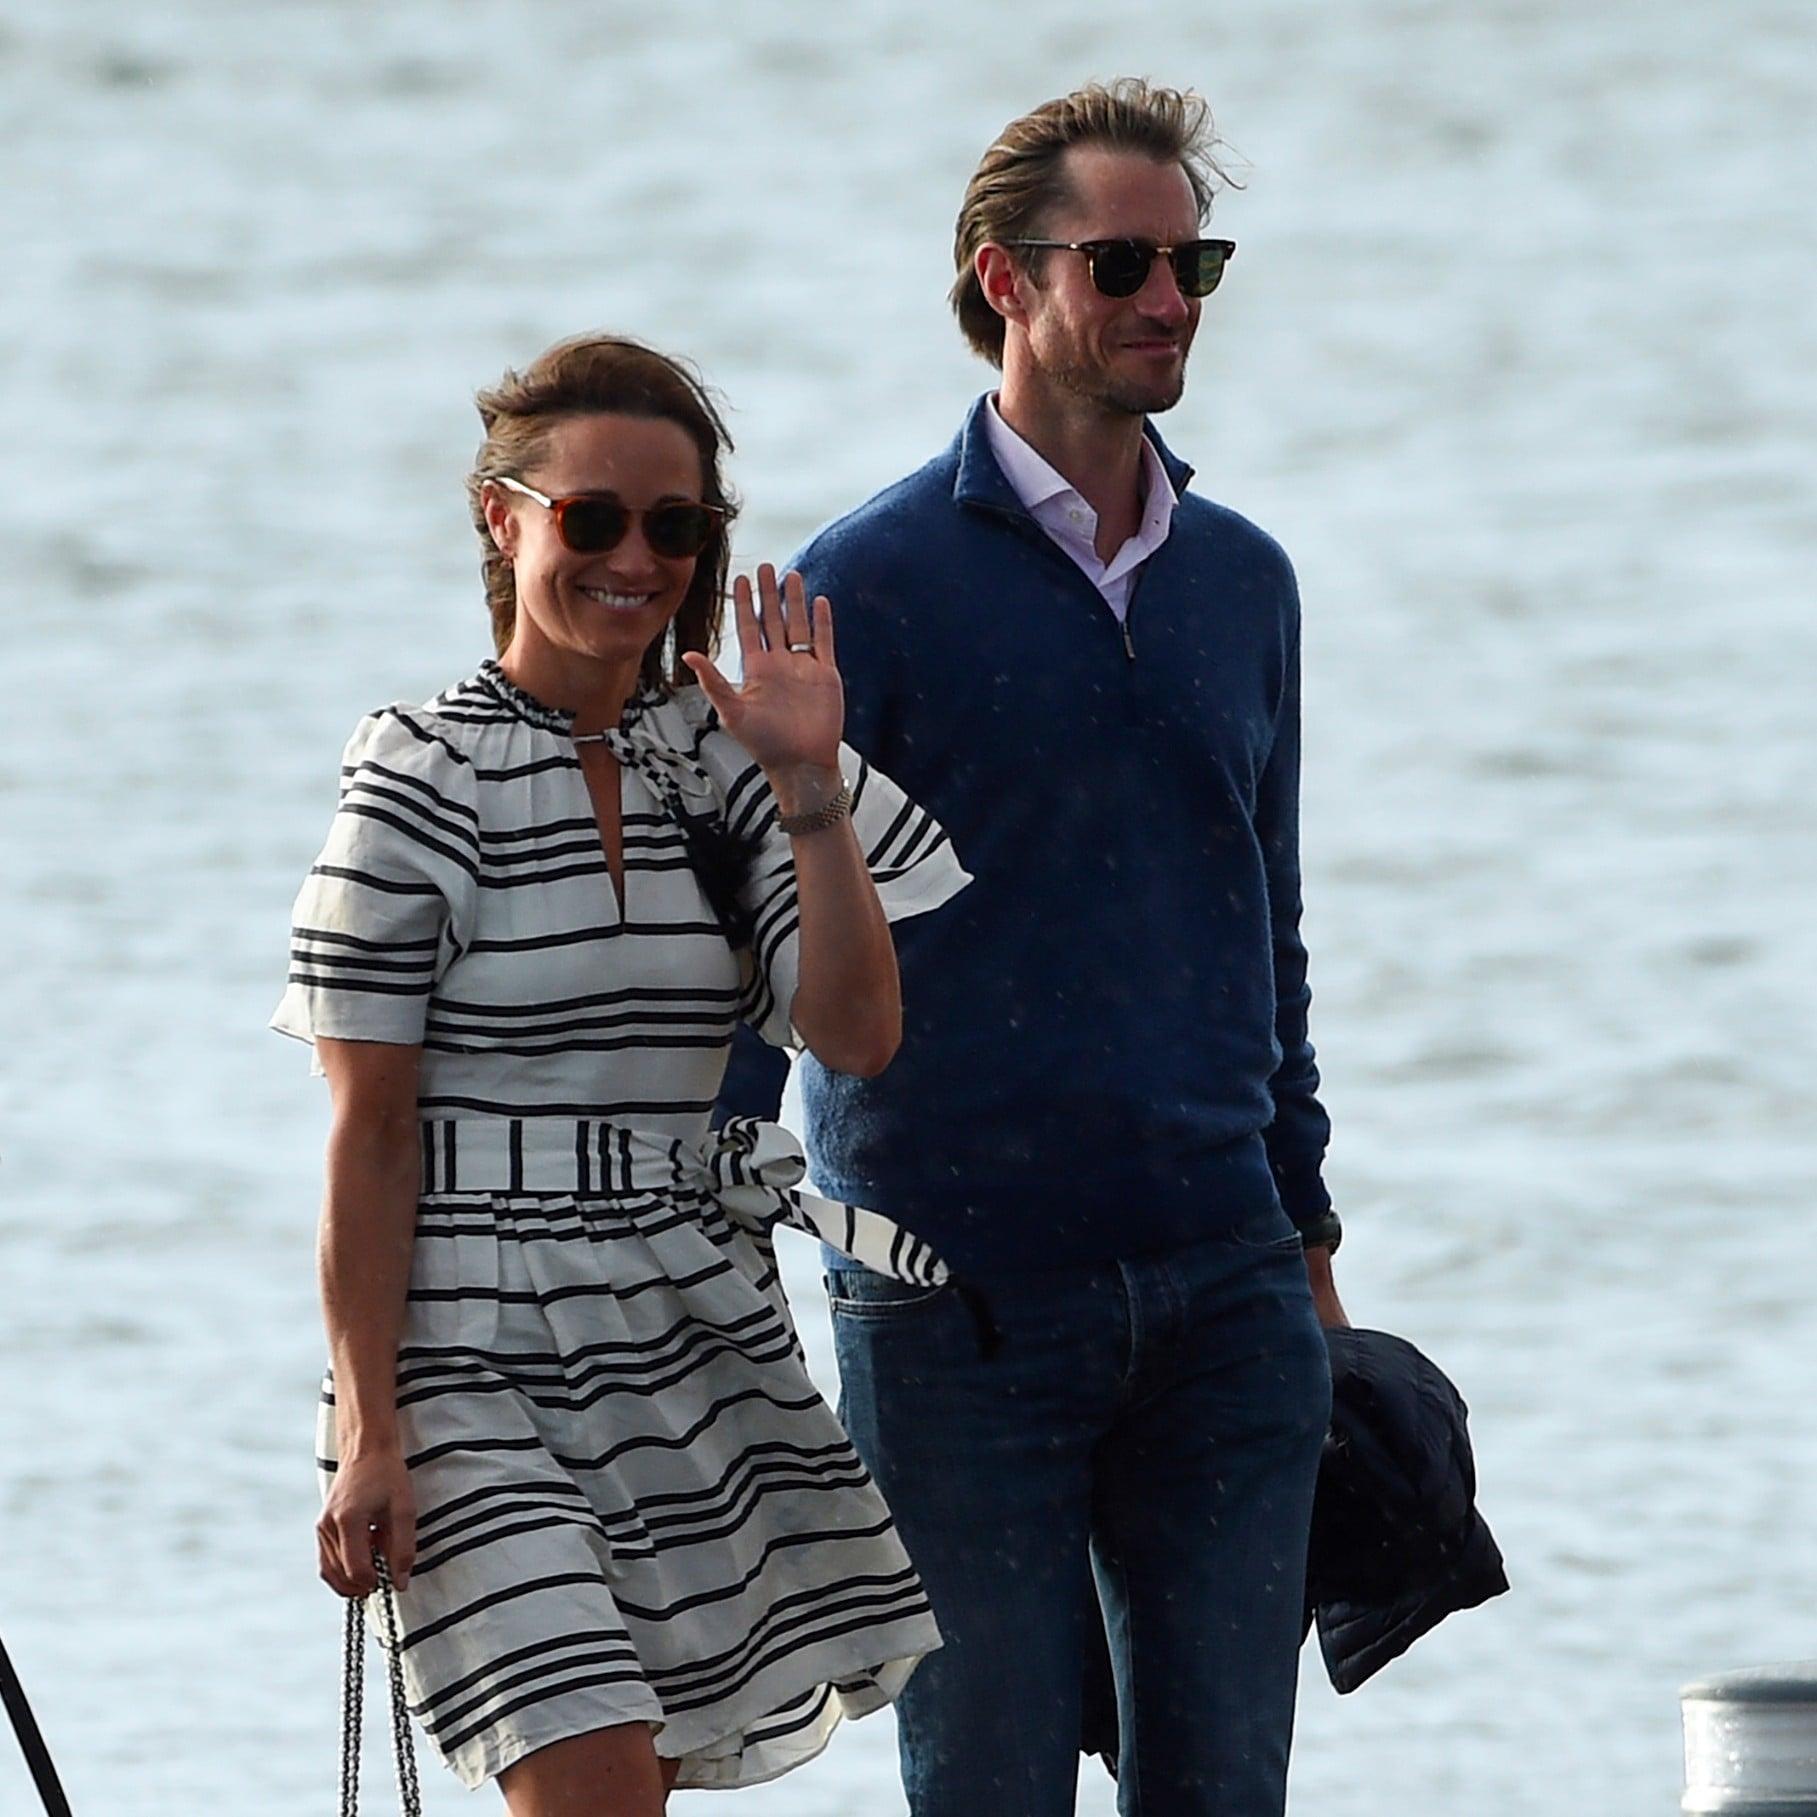 Pippa Middleton Wearing Espadrilles on Her Honeymoon